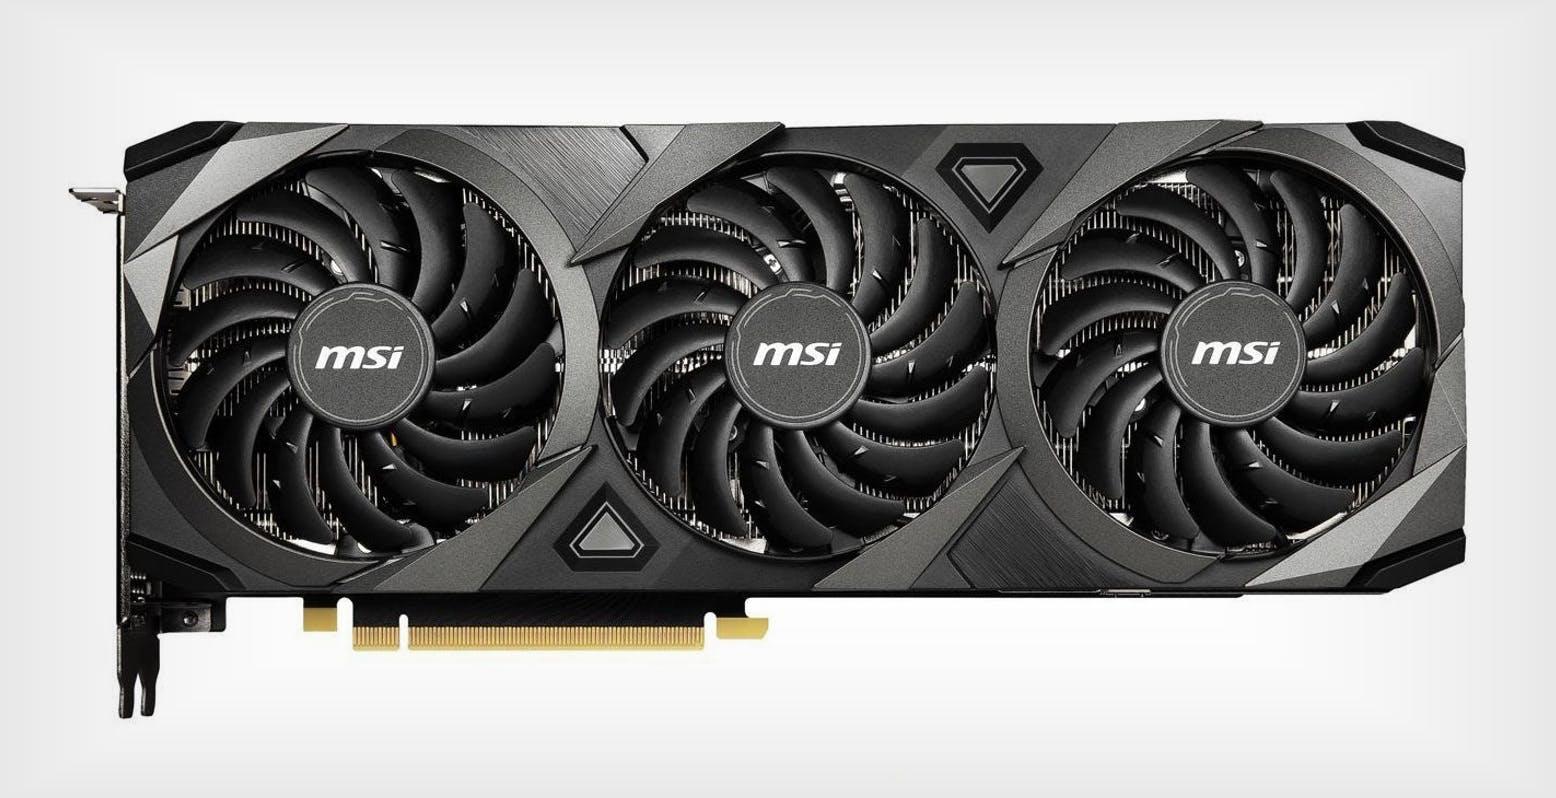 MSI denuncia il furto di 250 Nvidia RTX 3090 dai suoi magazzini cinesi. Danni per oltre 300mila dollari